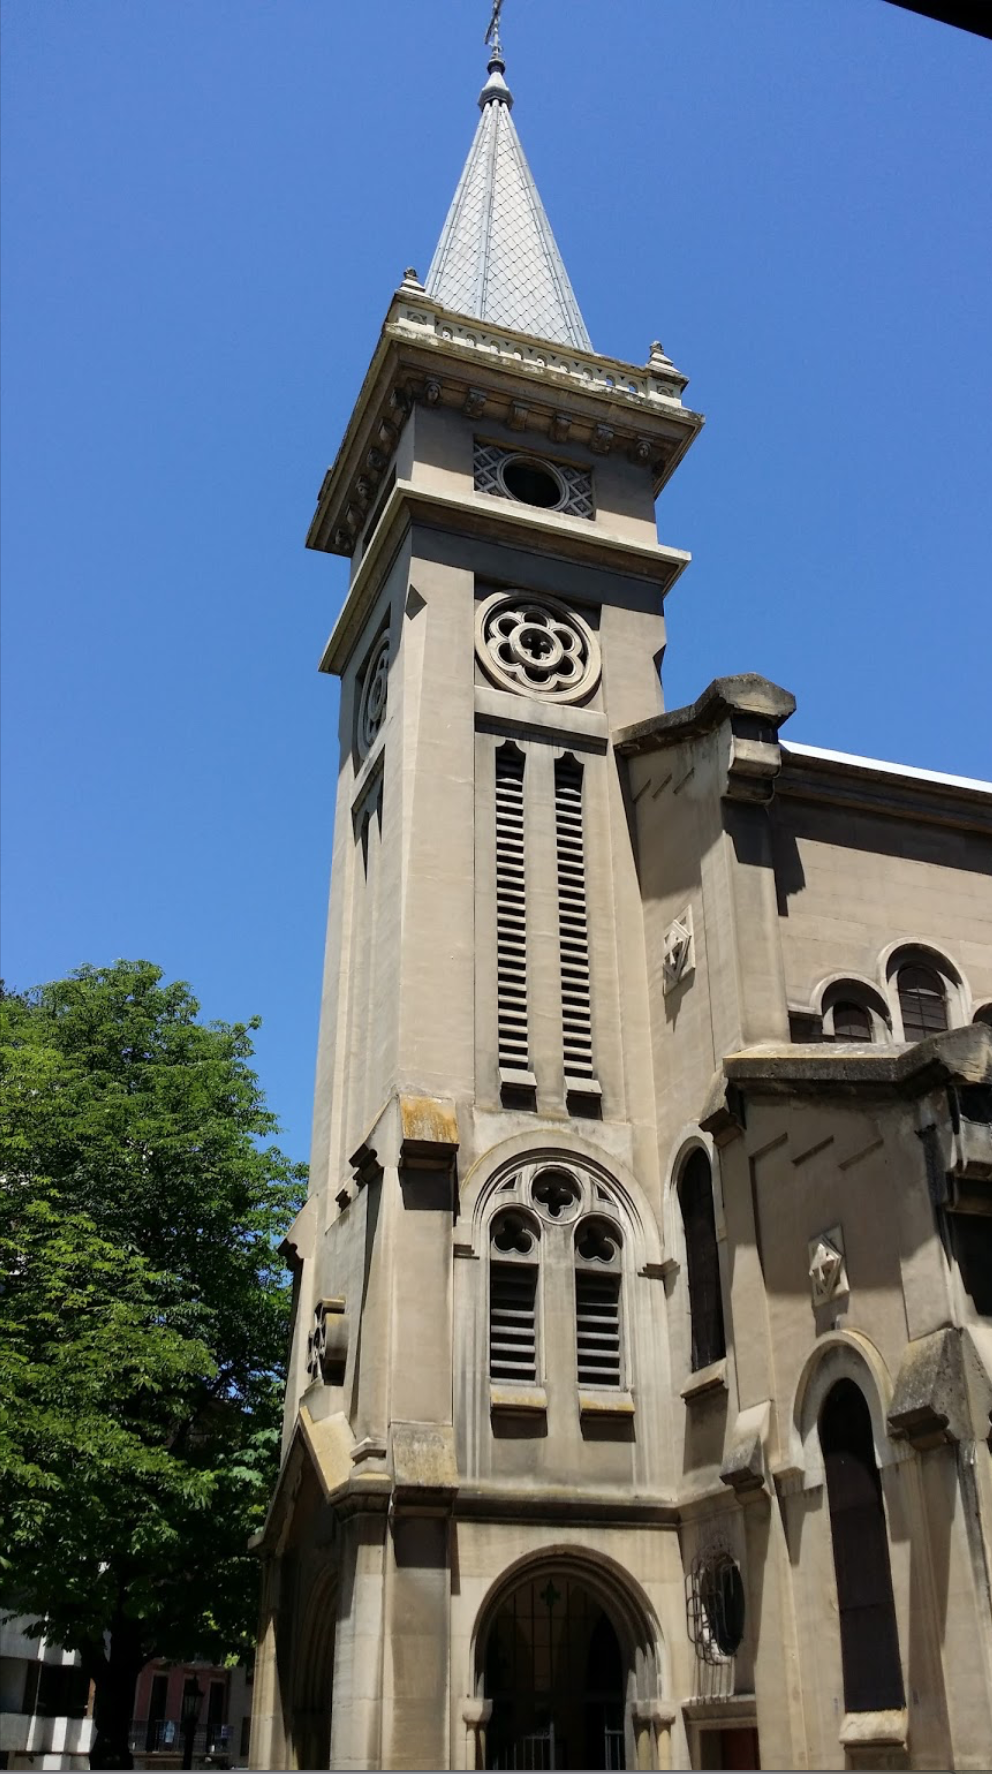 Iglesia de San Ignacio en  Pamplona,  sede elegida del proyecto  Amén.